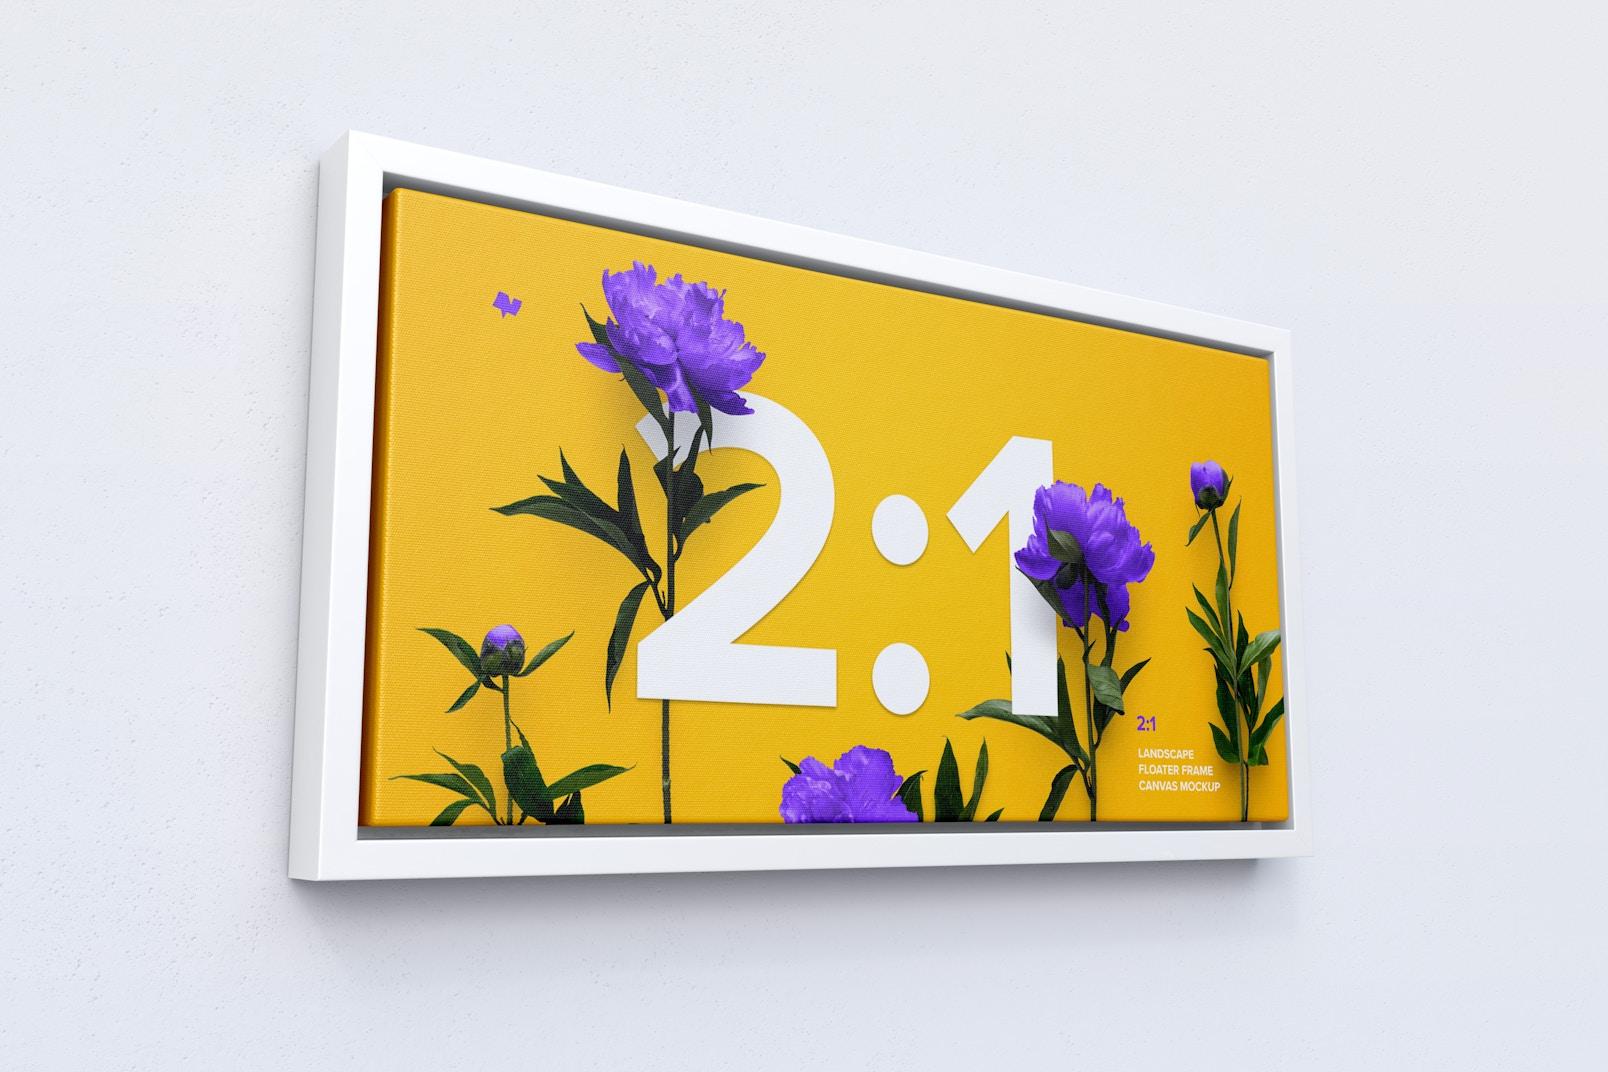 2:1 Landscape Canvas Mockup in Floater Frame, Left View